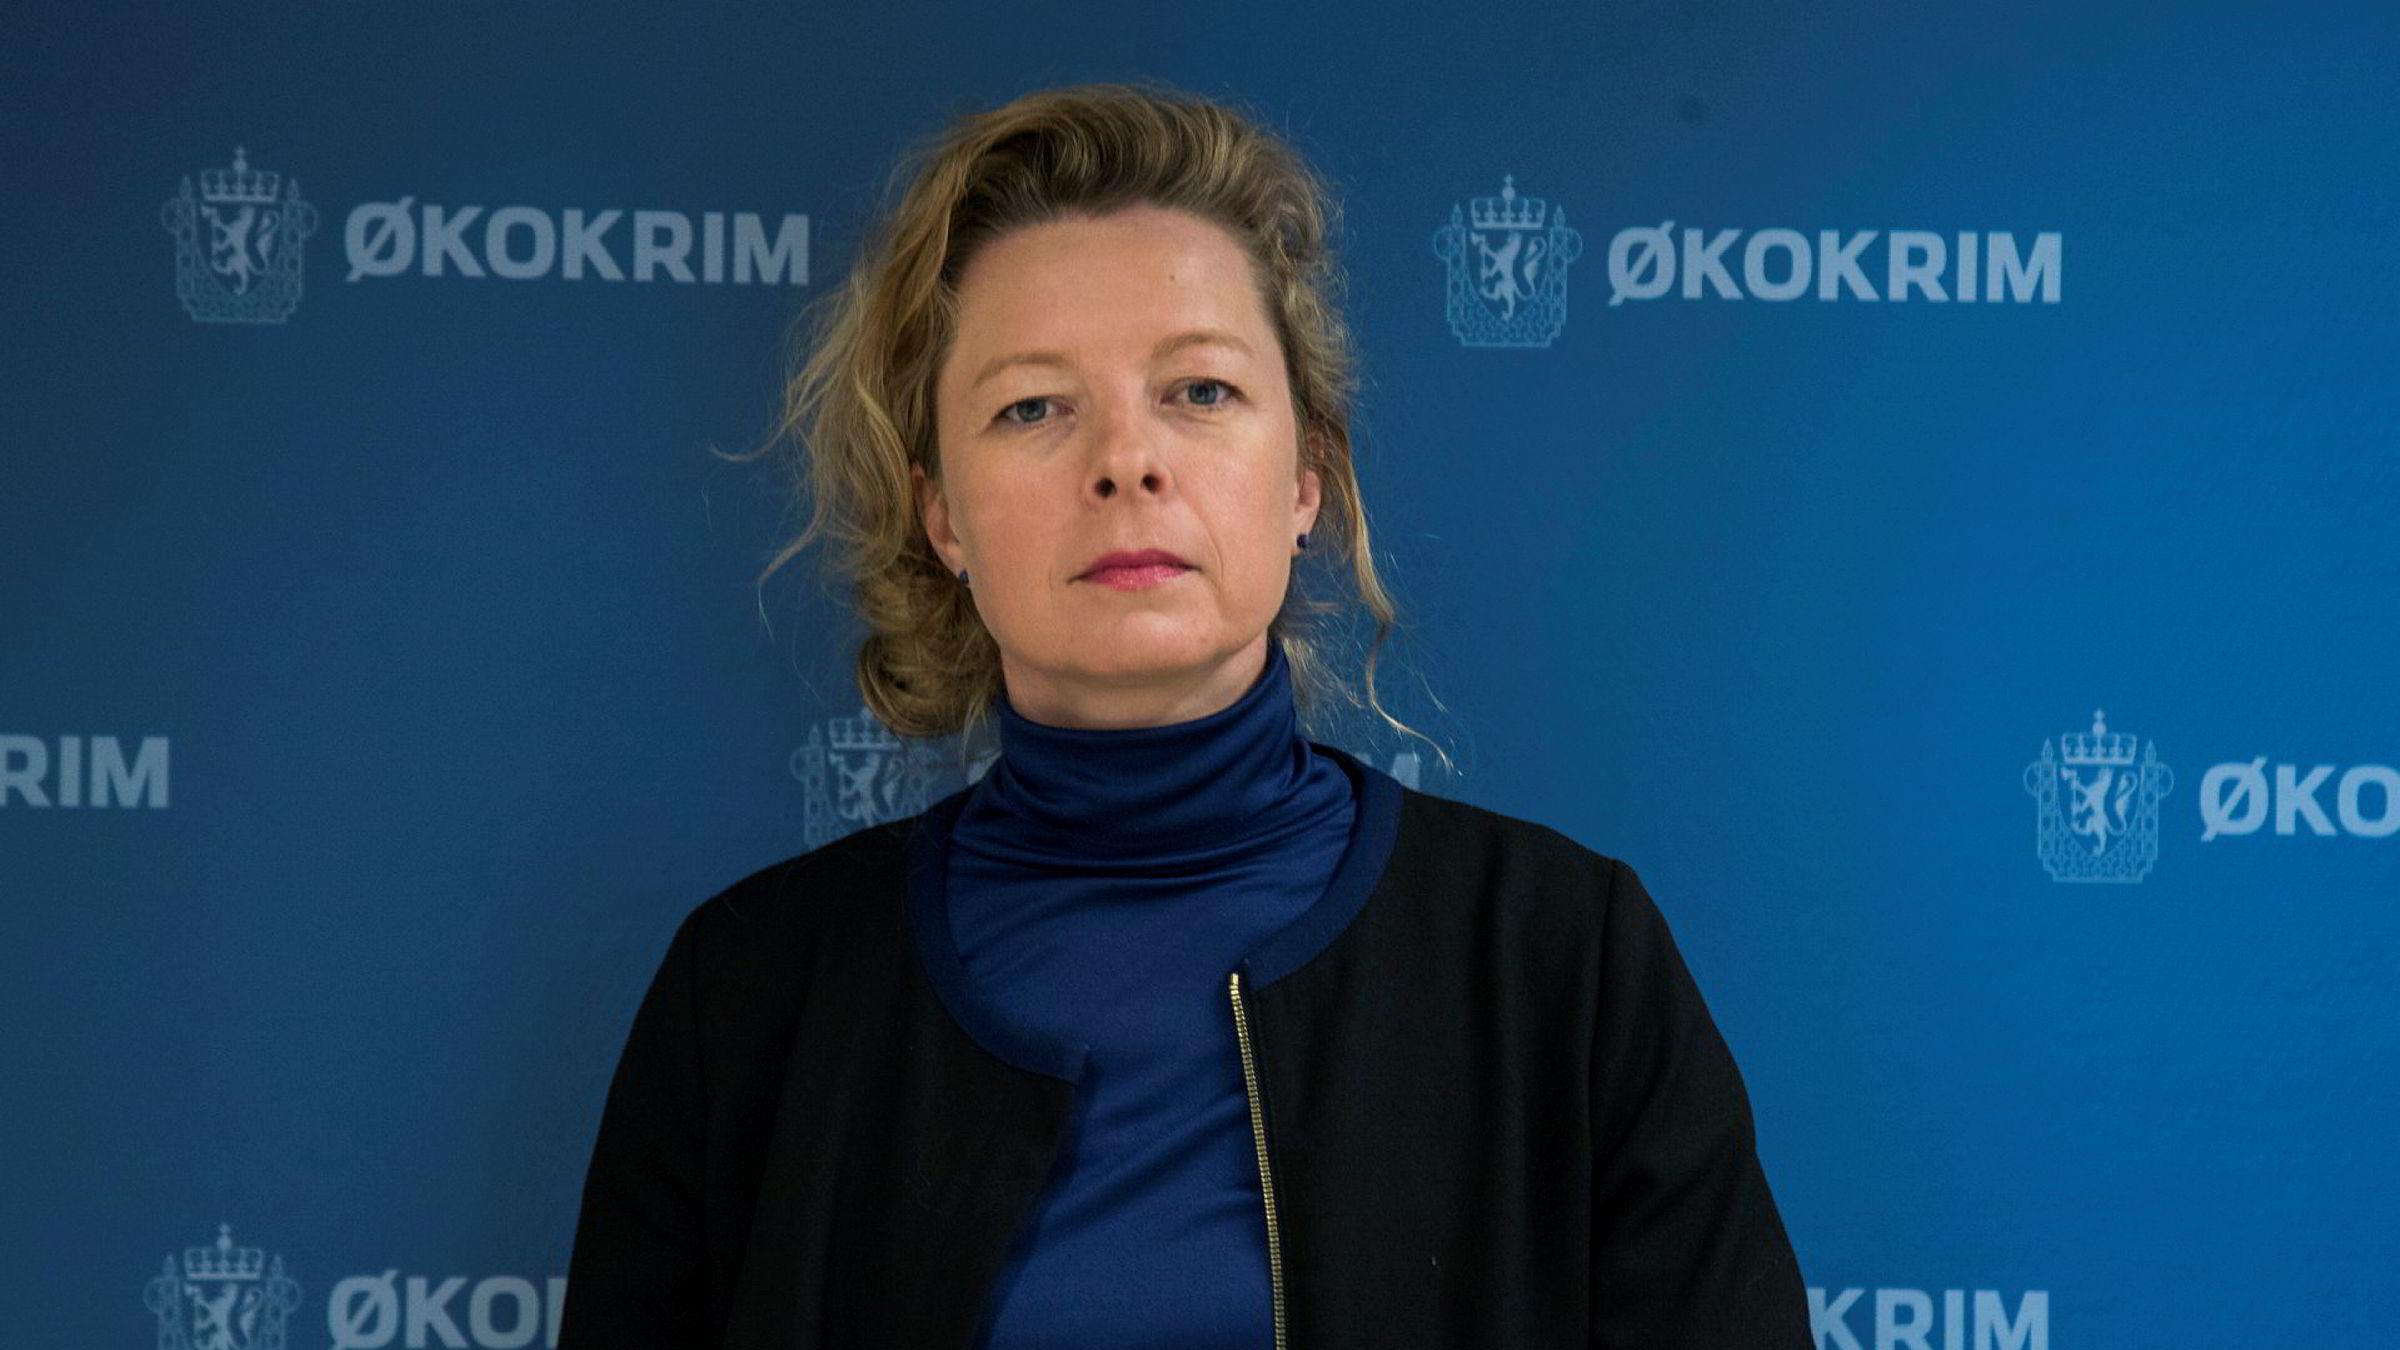 Fungerende Økokrim-sjef Hedvig Moe. Etaten skal nå etterforske DNB i forbindelse med den mye omtalte Samherji-saken.